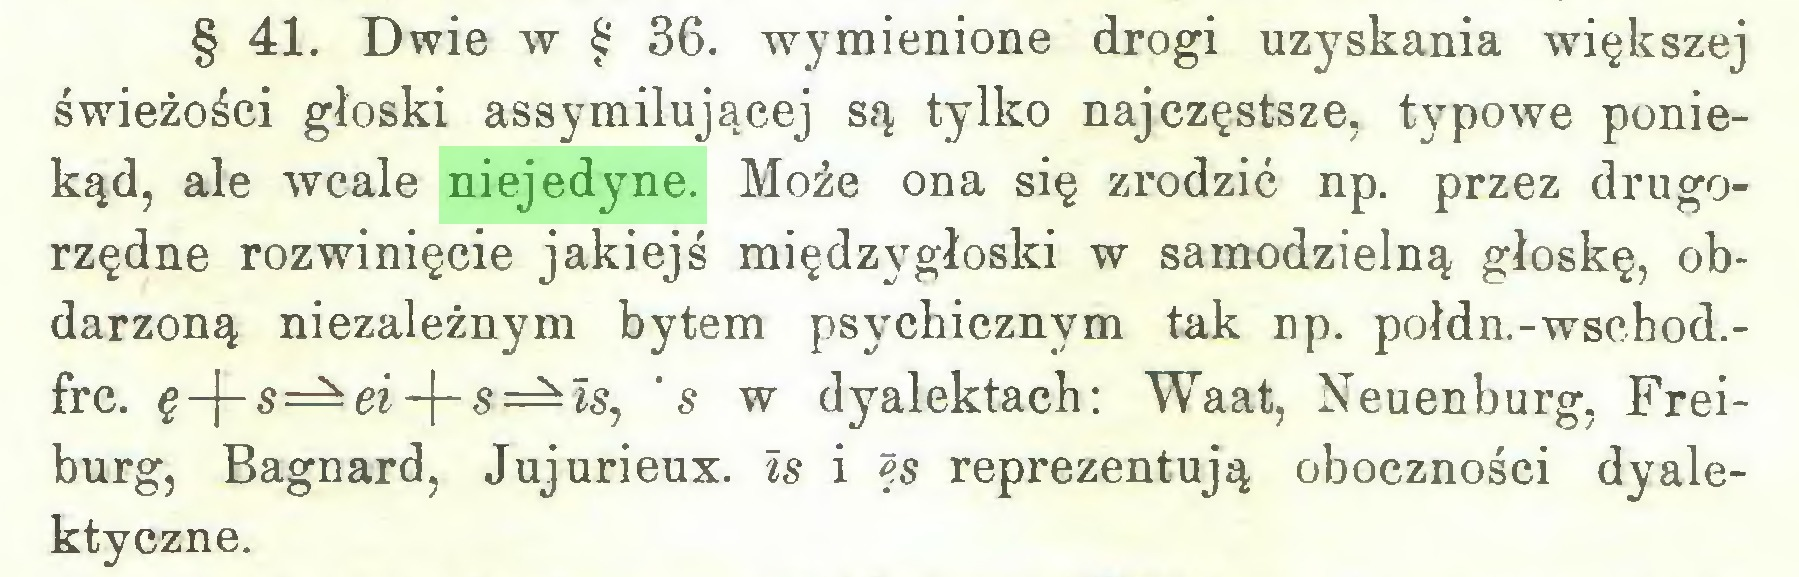 (...) § 41. Dwie w § 36. wymienione drogi uzyskania większej świeżości głoski assymiłującej są tylko najczęstsze, typowe poniekąd, ale wcale niejedyne. Może ona się zrodzić np. przez drugorzędne rozwinięcie jakiejś międzygłoski w samodzielną głoskę, obdarzoną niezależnym bytem psychicznym tak np. połdn.-wschod.frc. §-|-s=^ei-j-s=^is, 's w dyalektach: Waat, Neuenburg, Freiburg, Bagnard, Jujurieux. Is i ęs reprezentują oboczności dyalektyczne...